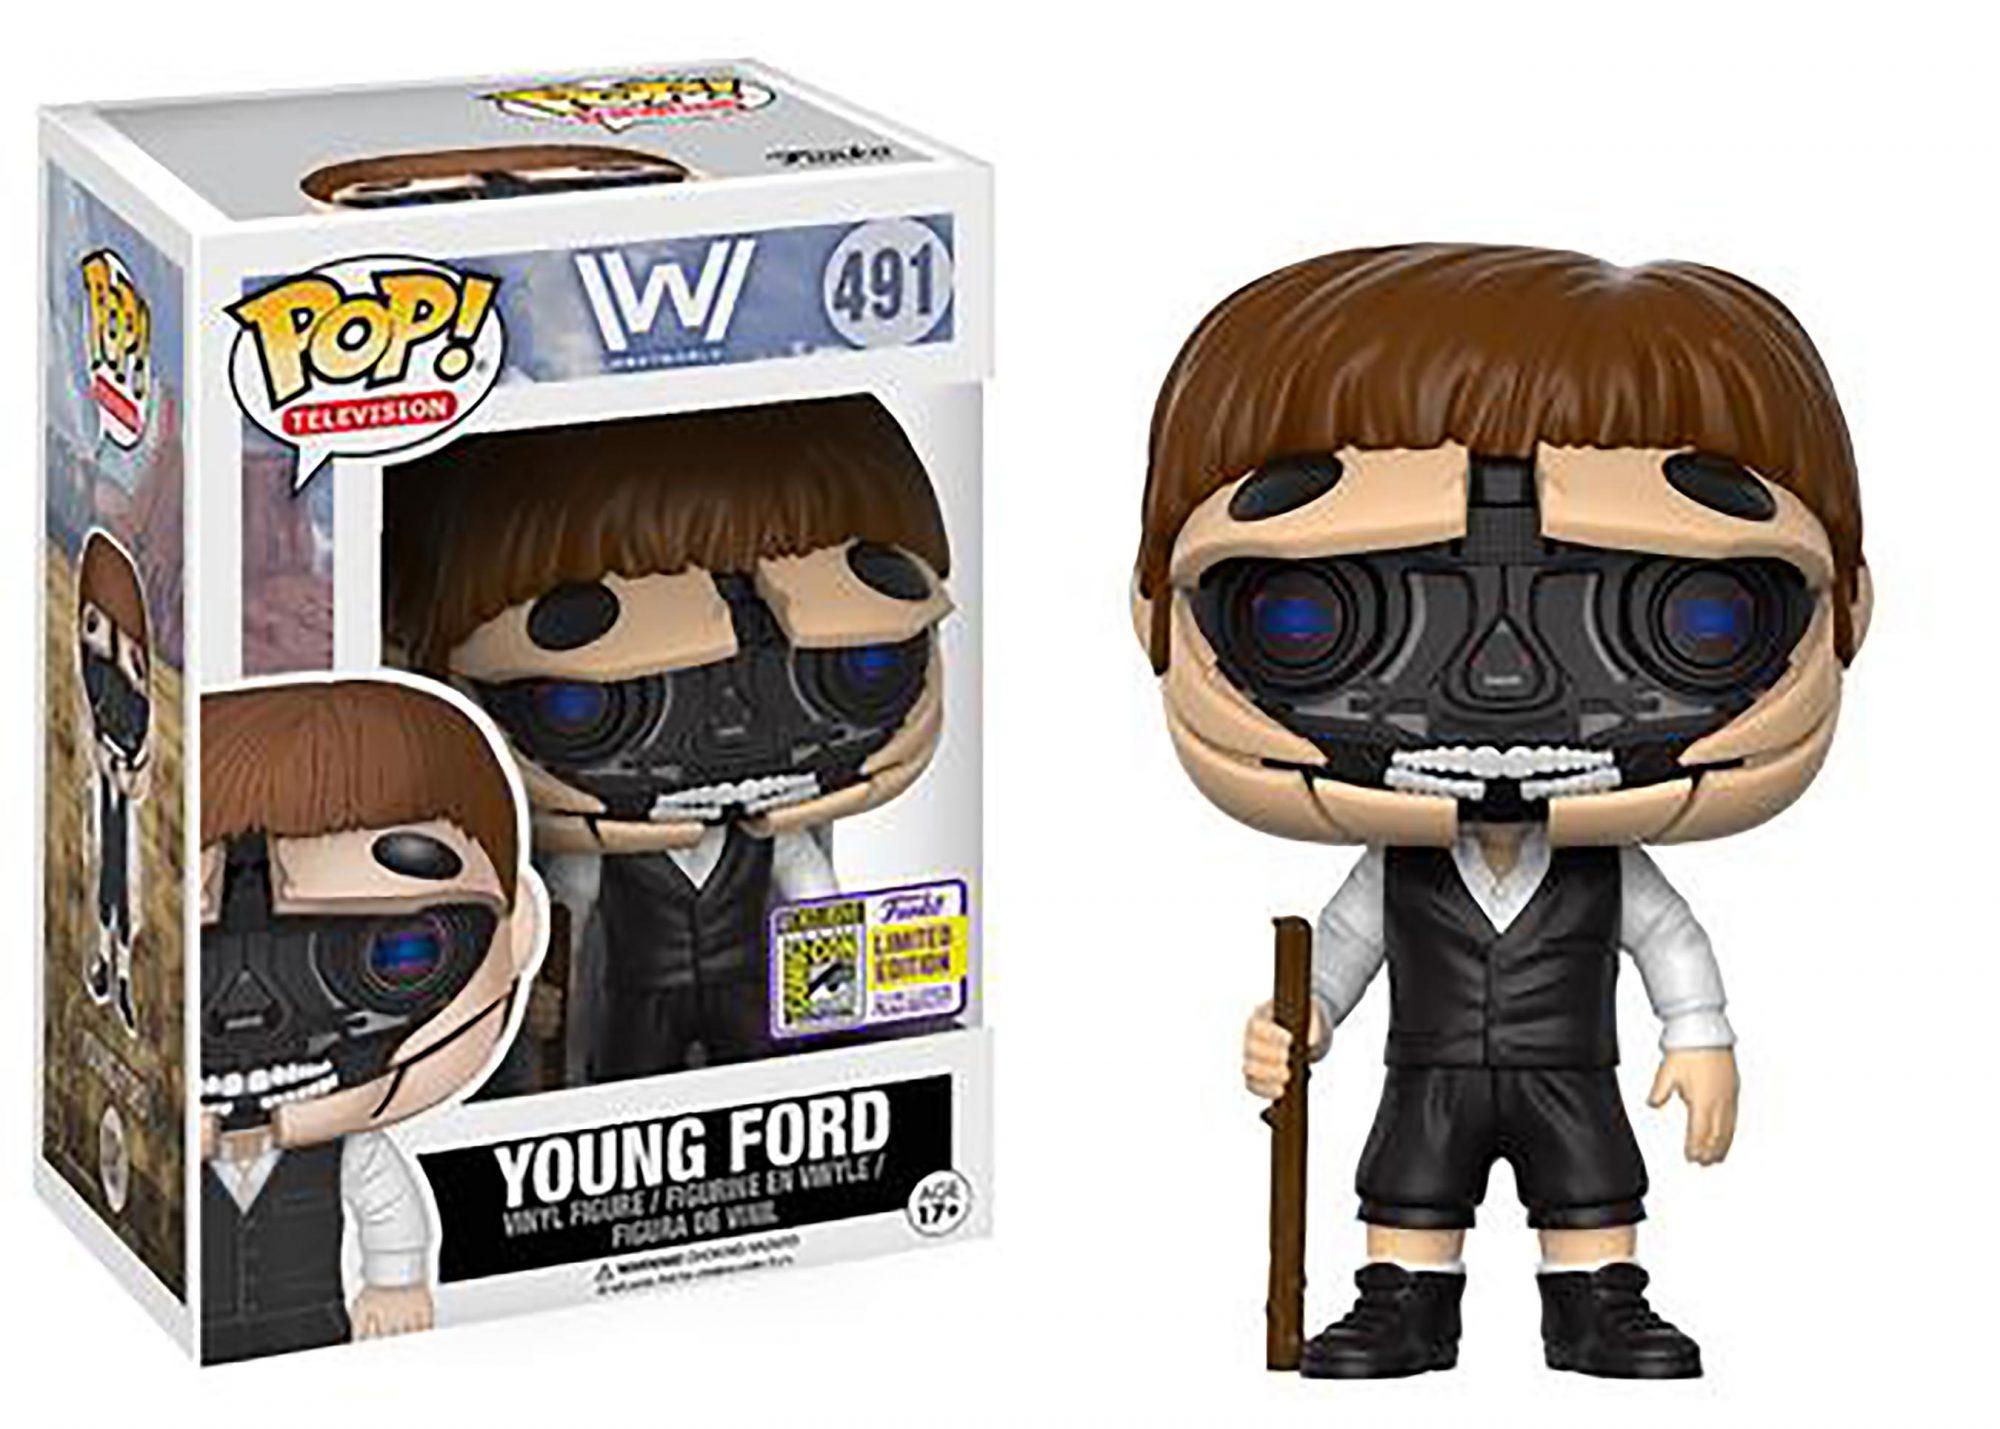 Pop! Television: Westworld - Robotic Dr. Ford Host